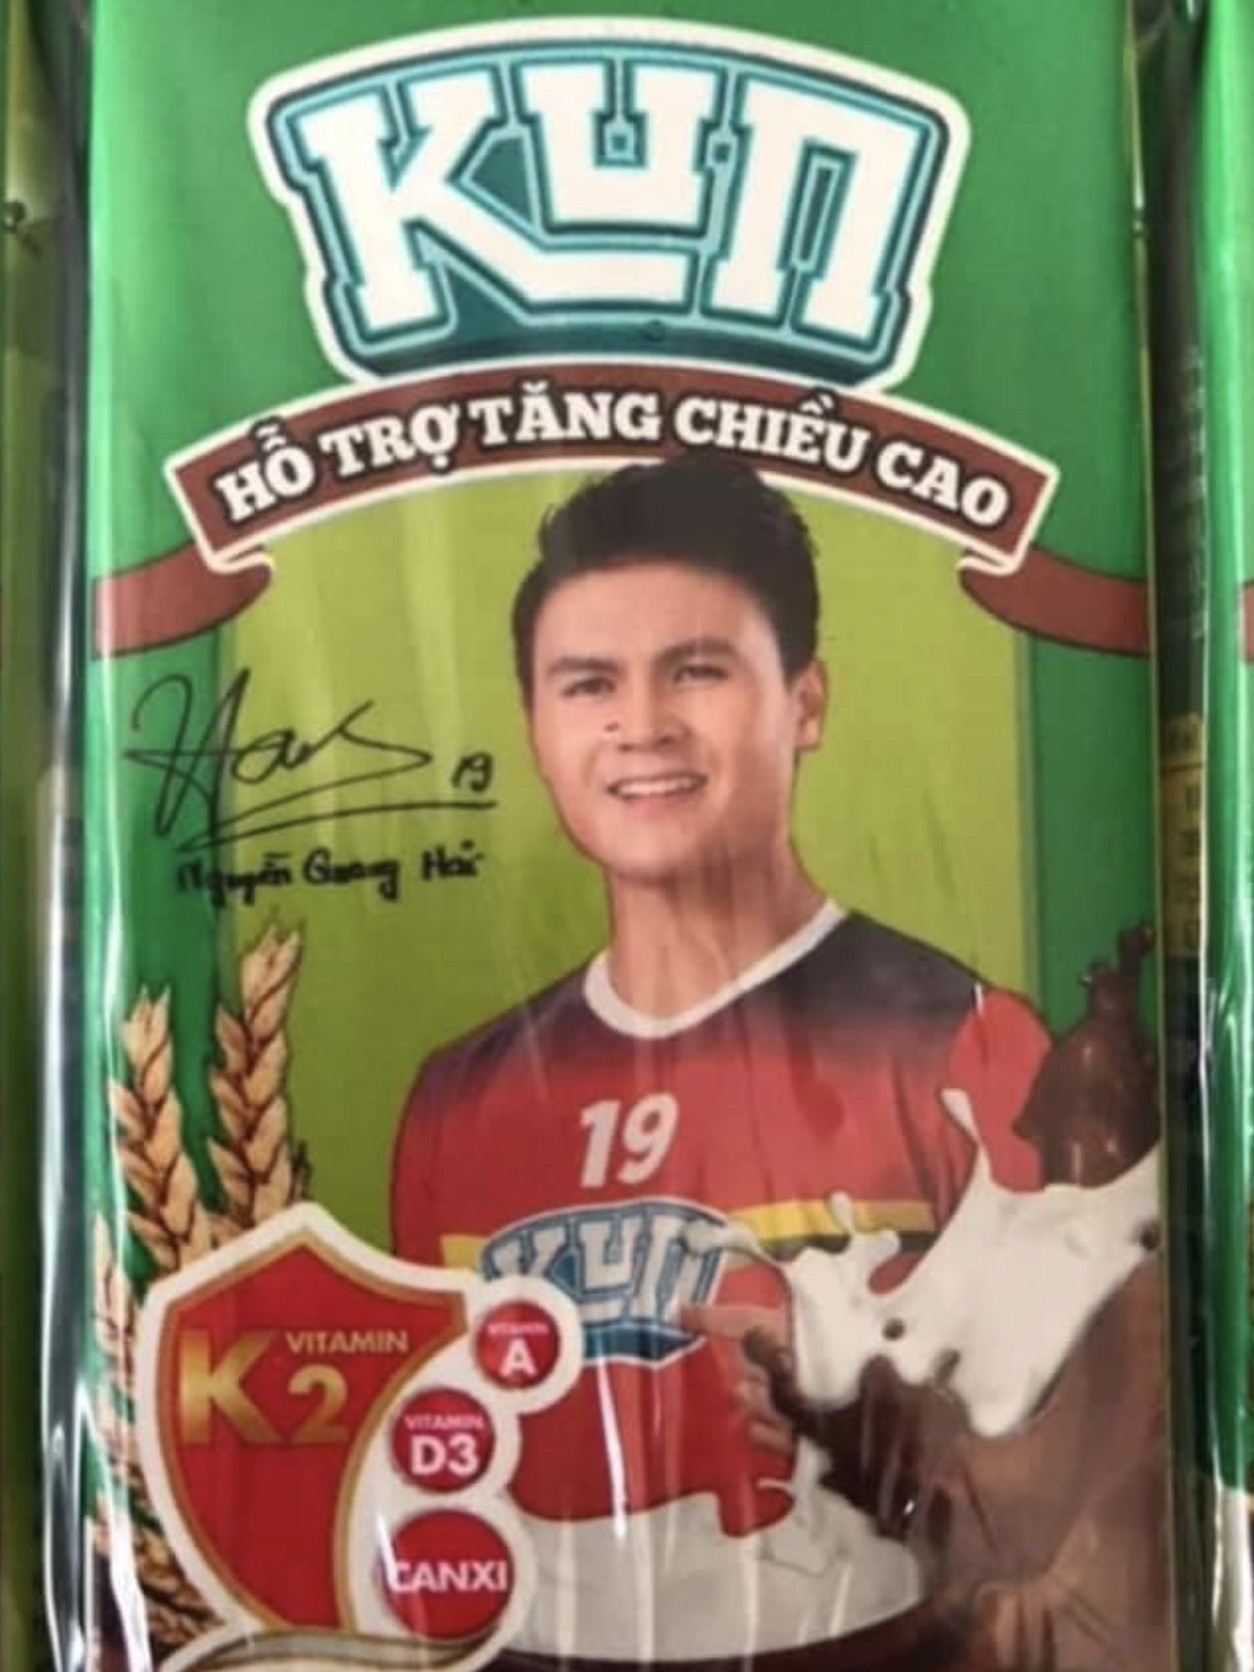 Hộp sữa Quang Hải hỗ trợ tăng chiều cao